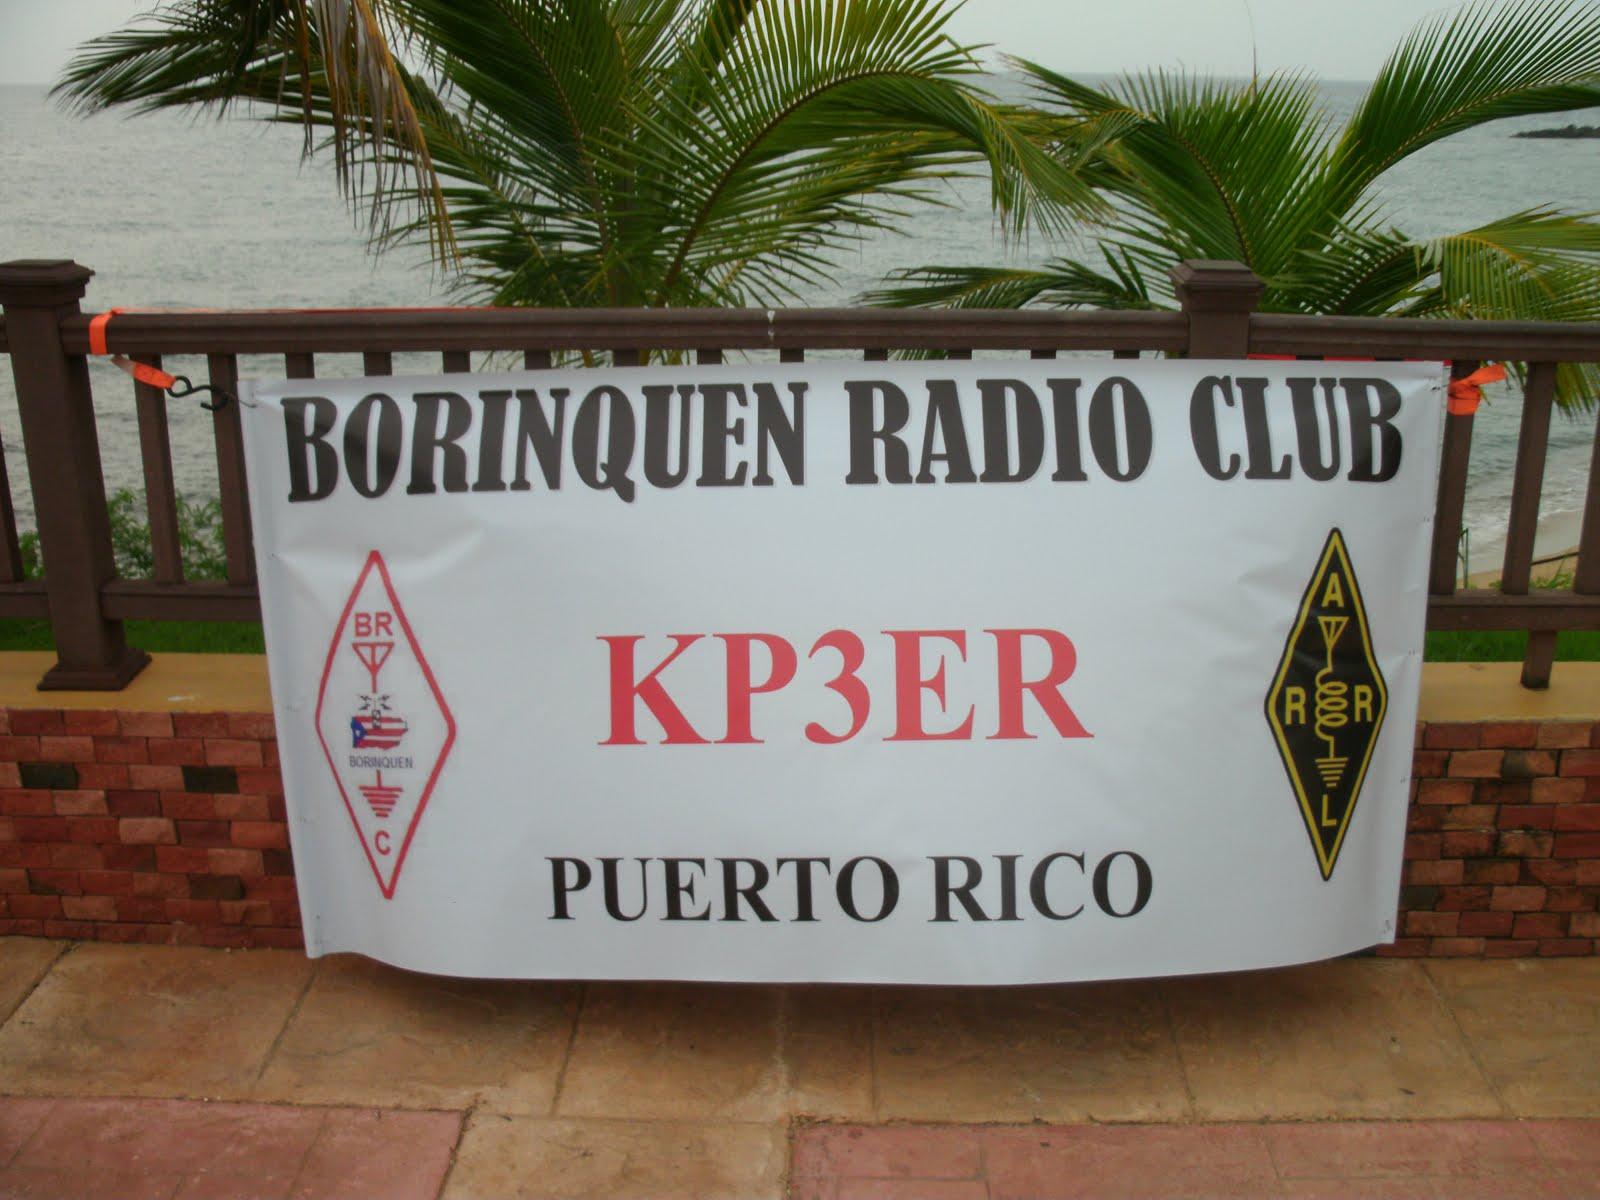 KP3ER- BORINQUEN RADIO CLUB